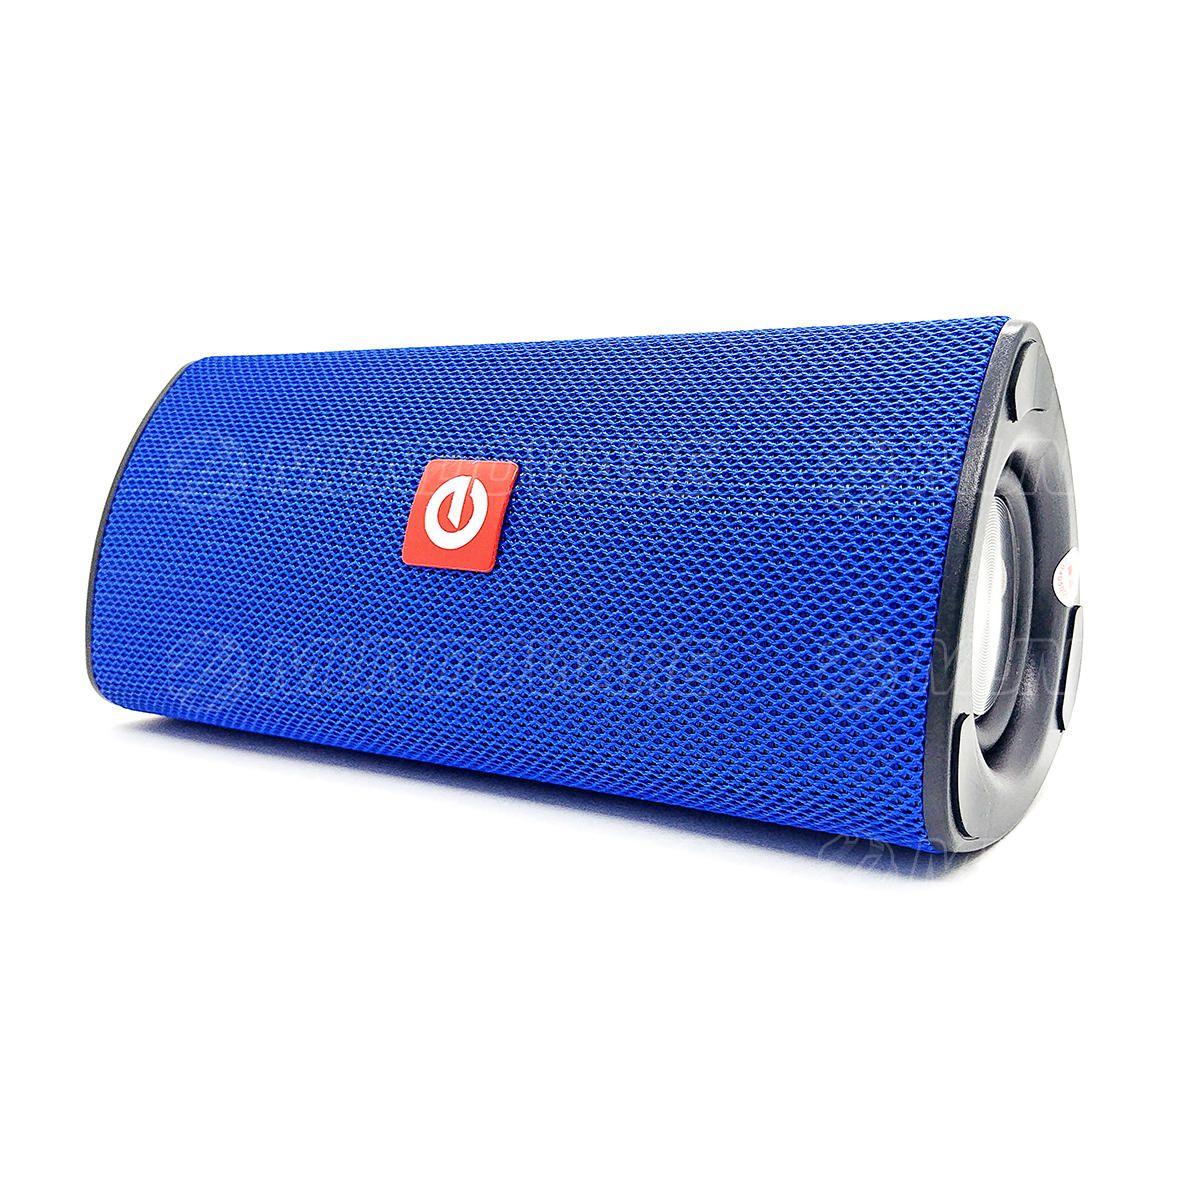 Caixa de Som Bluetooth 3.0 Portátil 10W Entrada USB Micro SD Auxiliar P2 Mic Hands Free Exbom CS-M33BT Azul